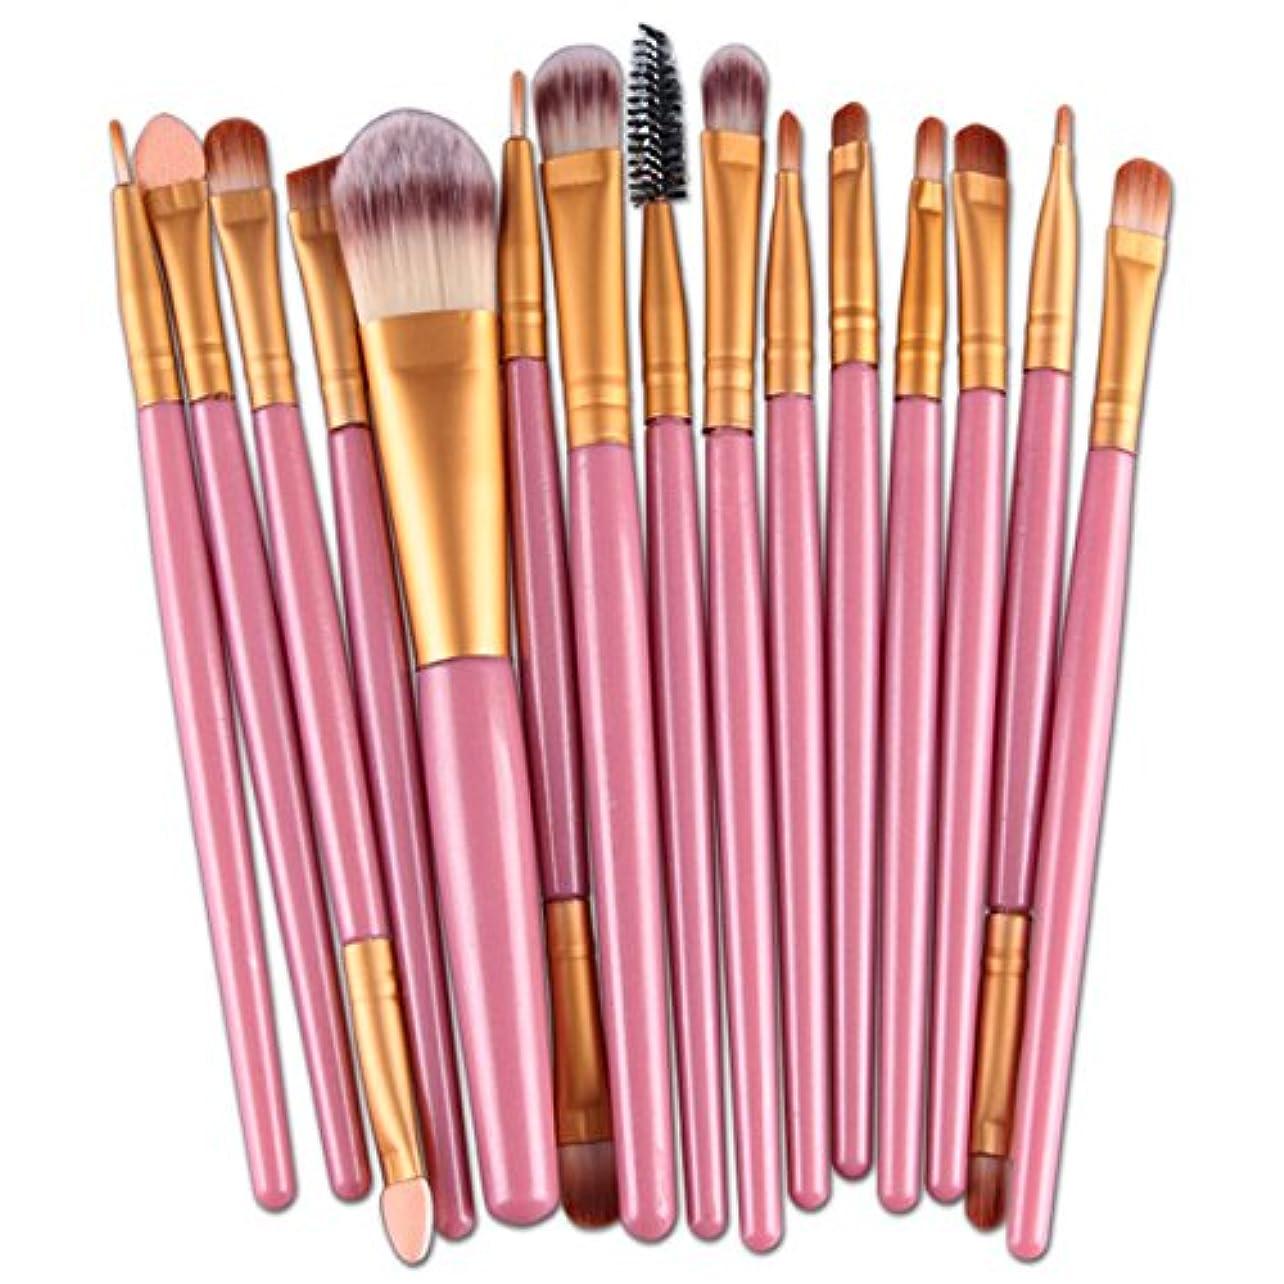 薄汚い緩む絶対に15ピース化粧ブラシキット OD企画 カラフルなフェイスコンシーラーアイシャドー女性のためのツール女の子の日常生活やパーティー パウダーアイライナー赤面スリップファンデーションメイクアップ美容ブラシセット